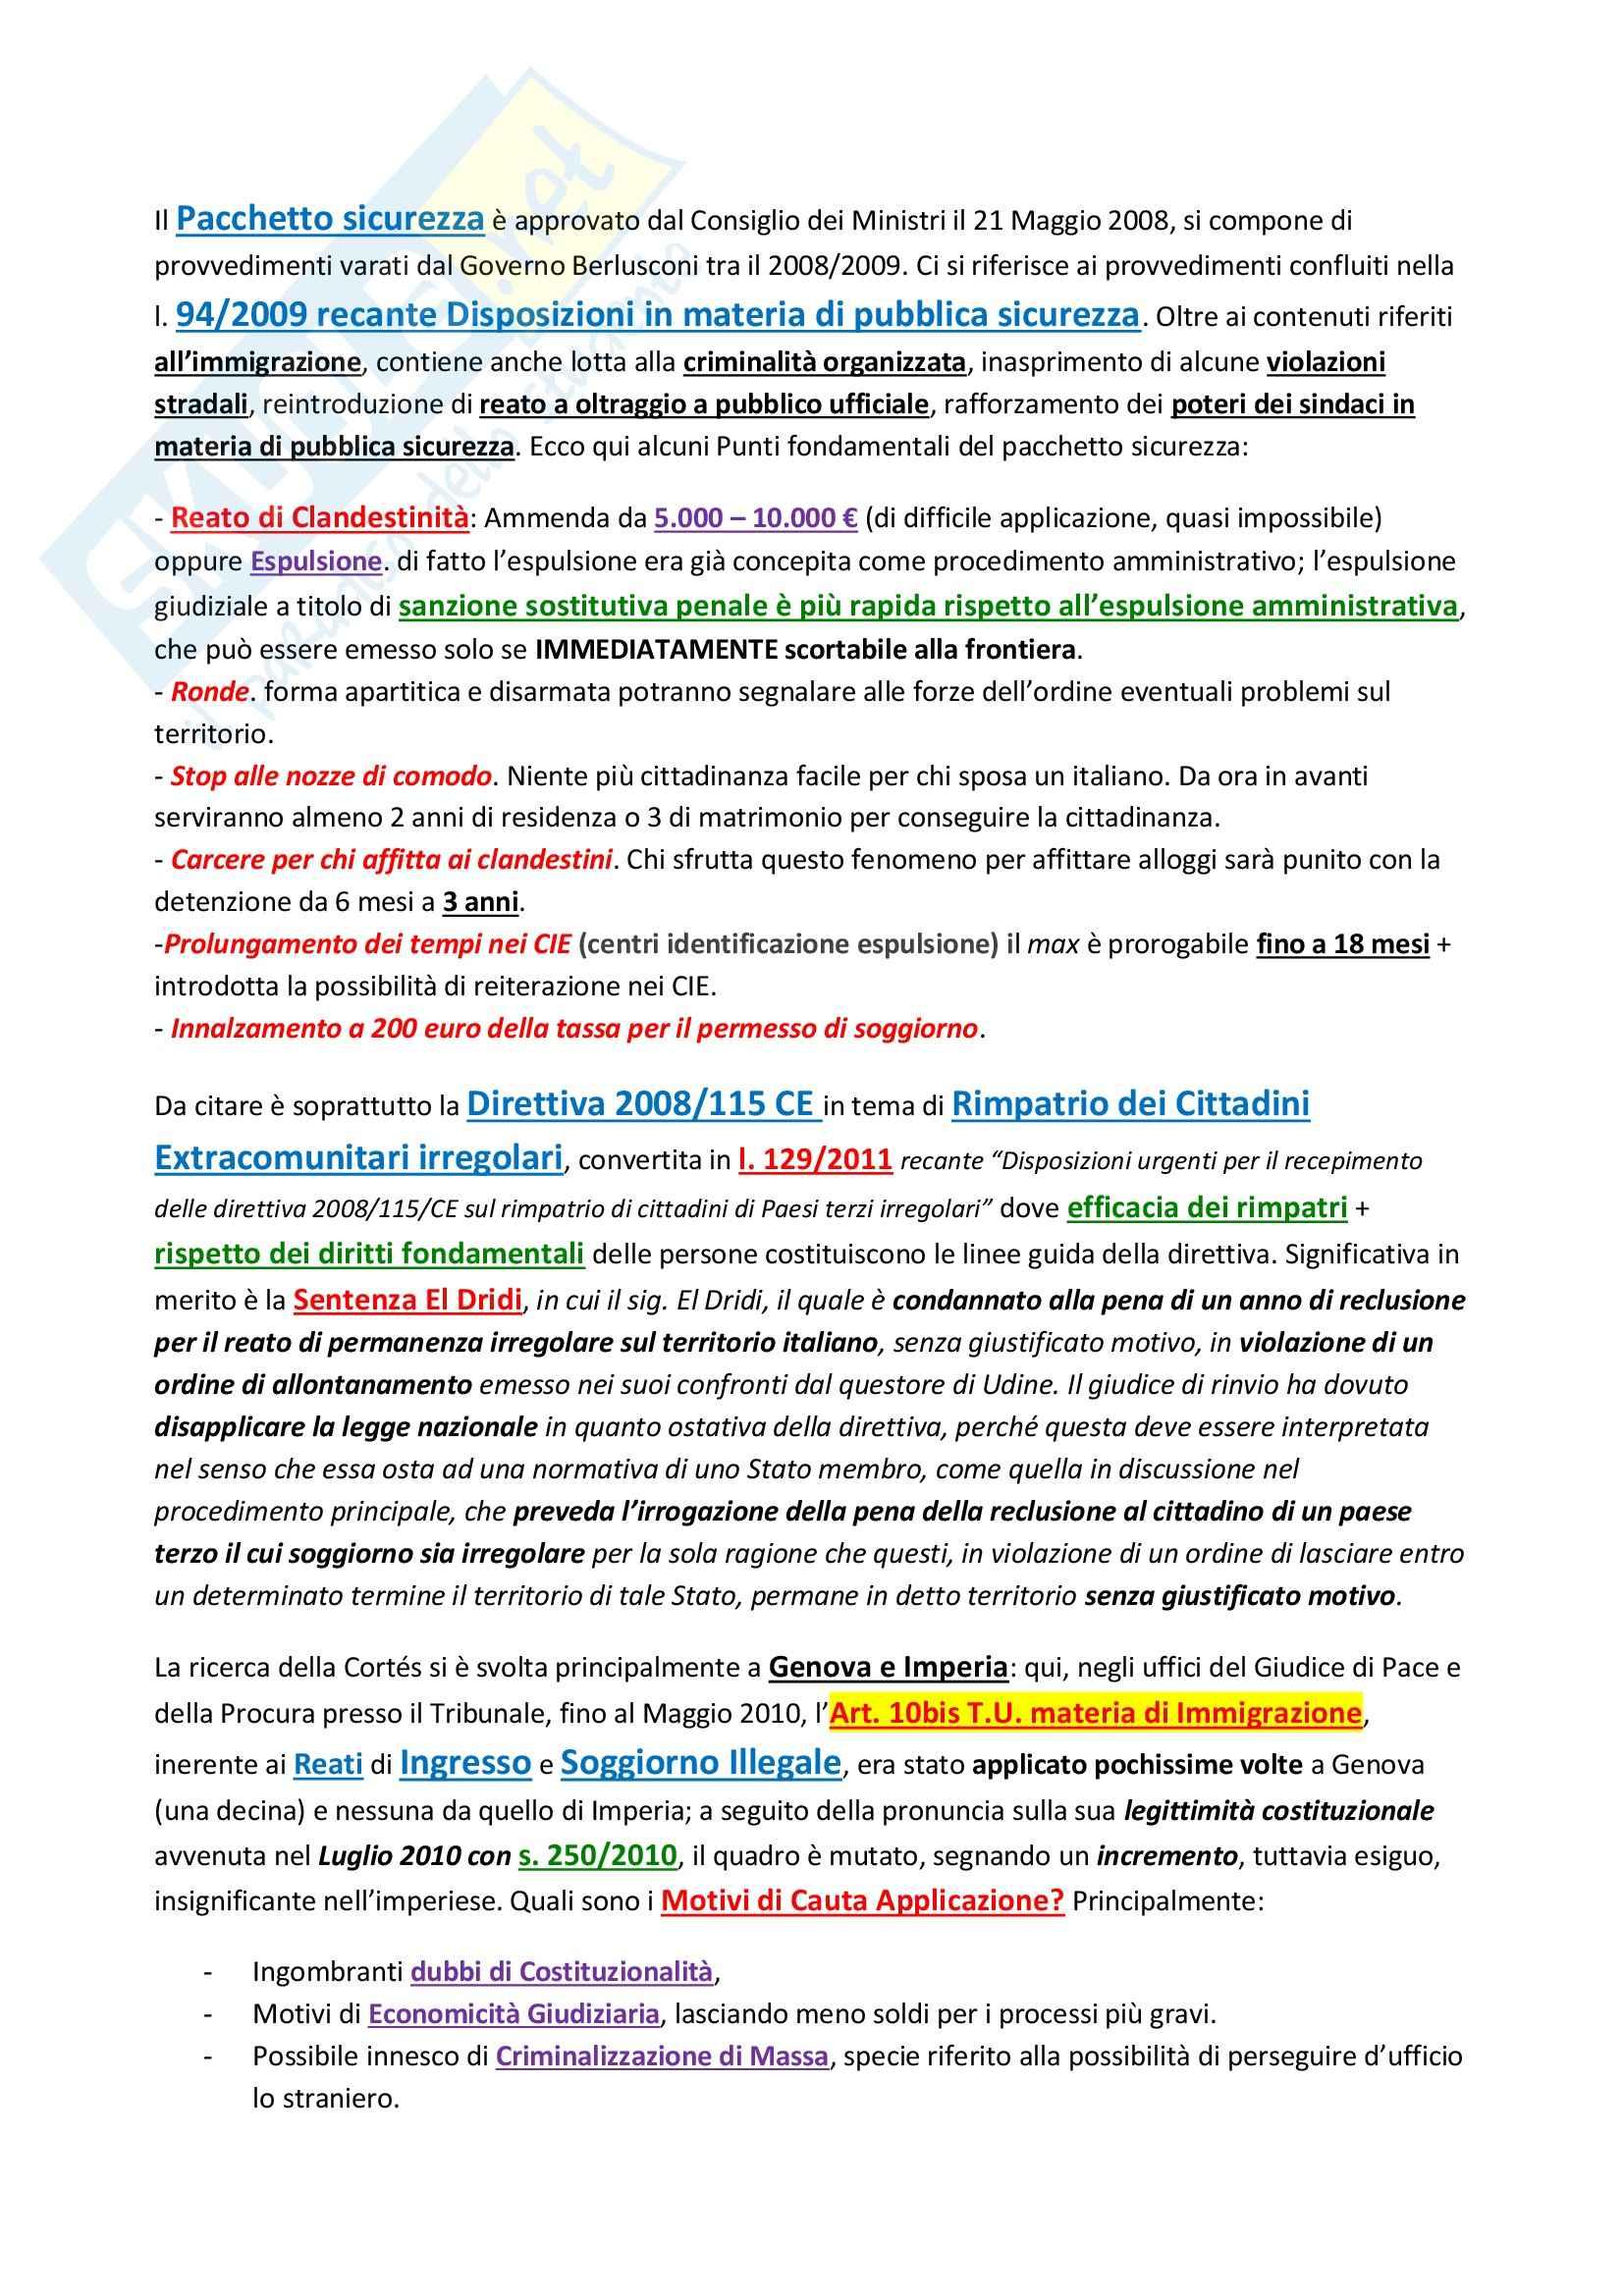 Sociologia del diritto - Cortez Pag. 41